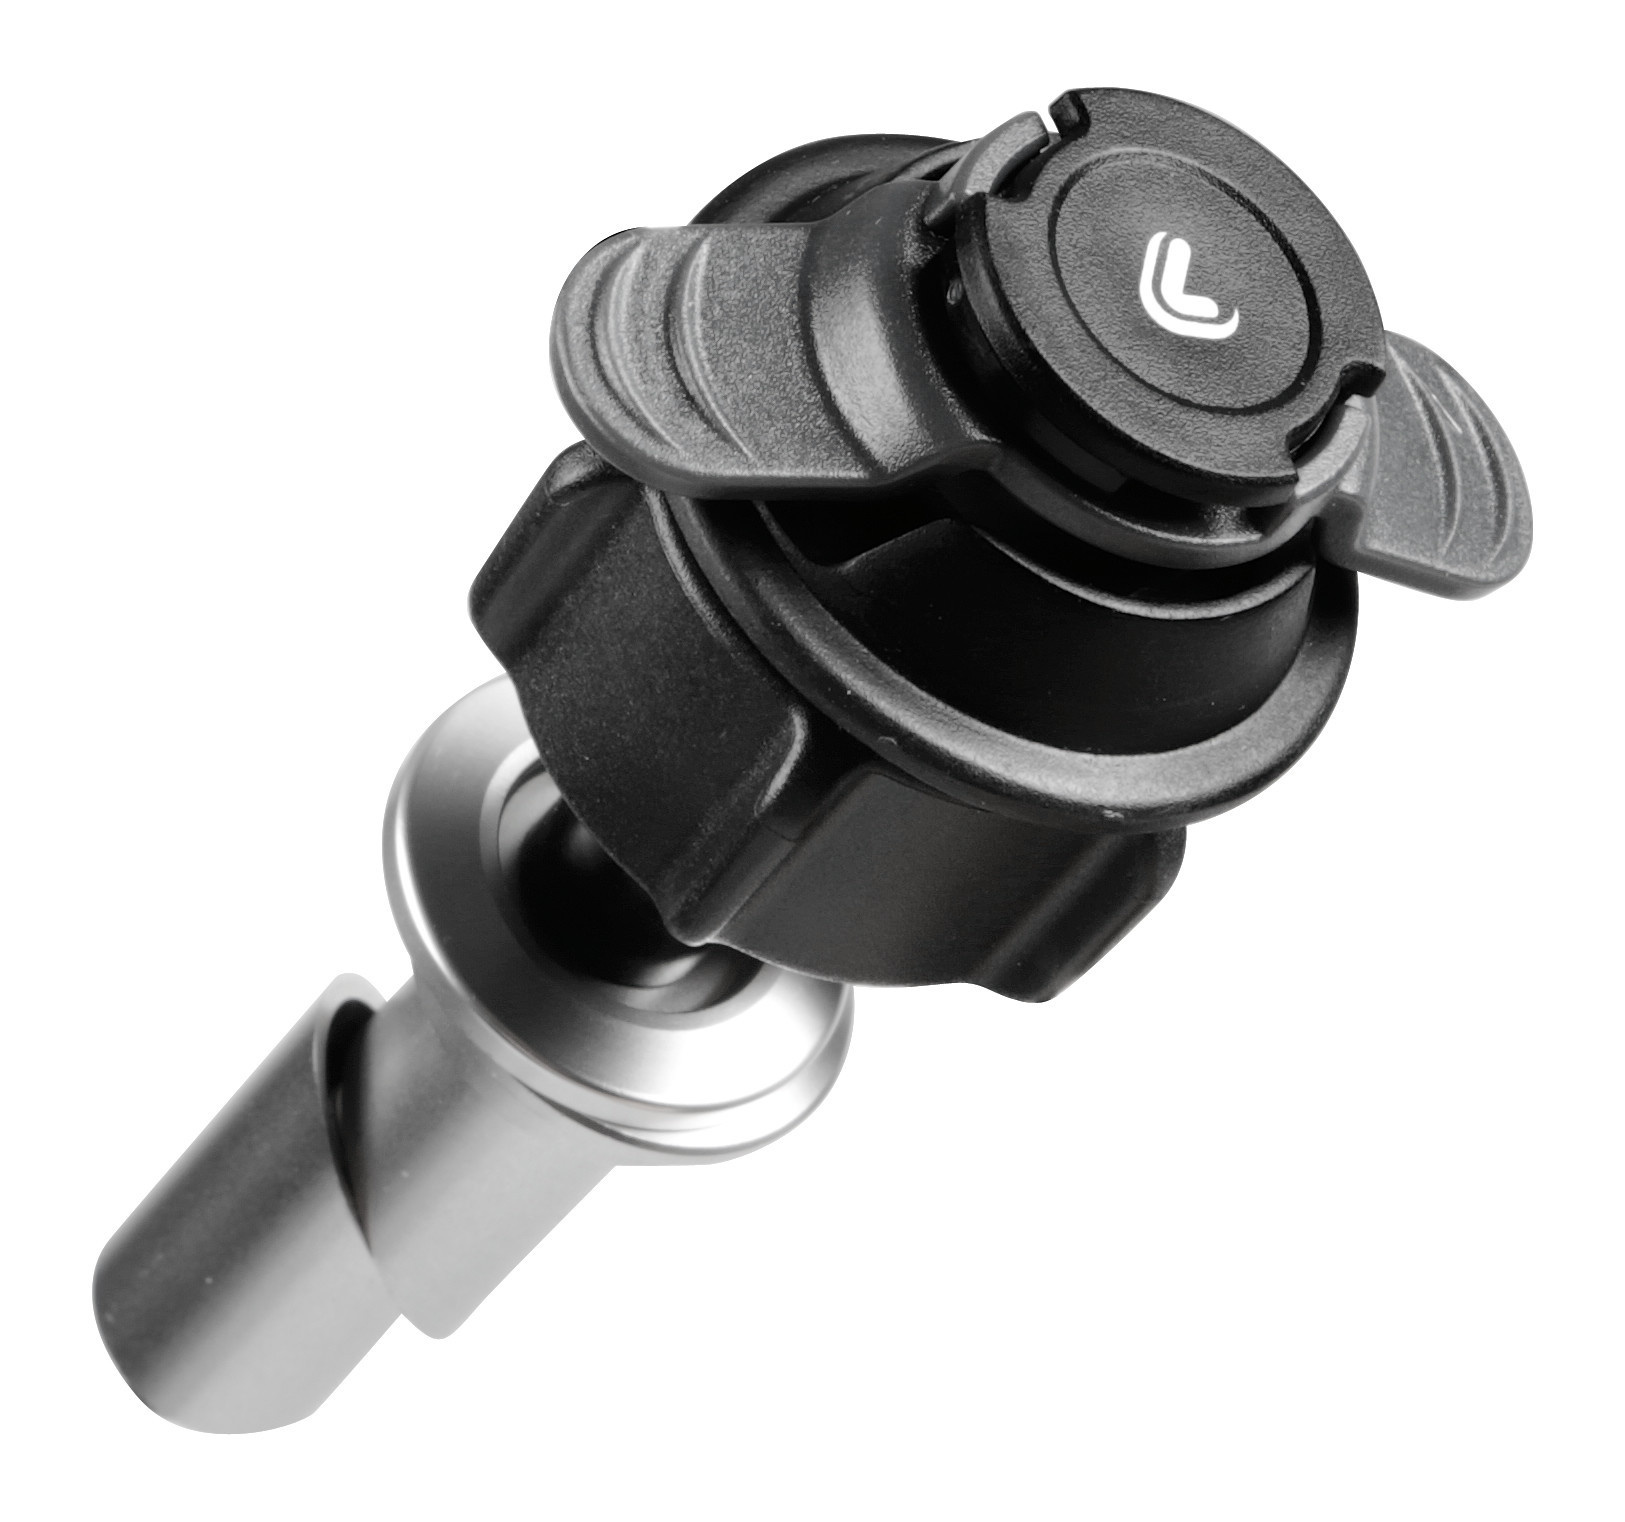 Lampa Opti-Tube DUO LOCK balhoofdbevestiging motor 13.5-14.7 mm